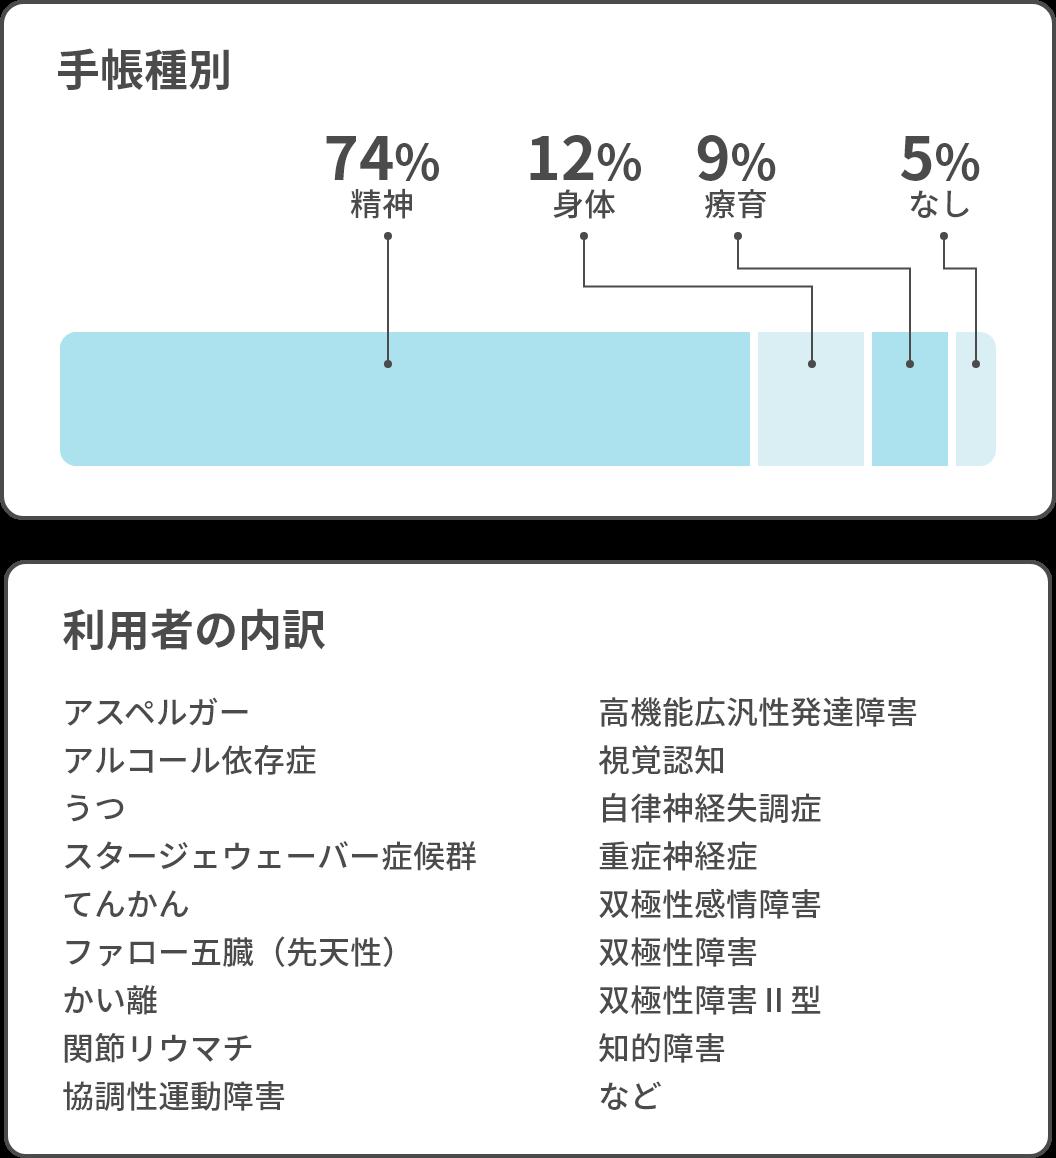 利用者の手帳種別と内訳